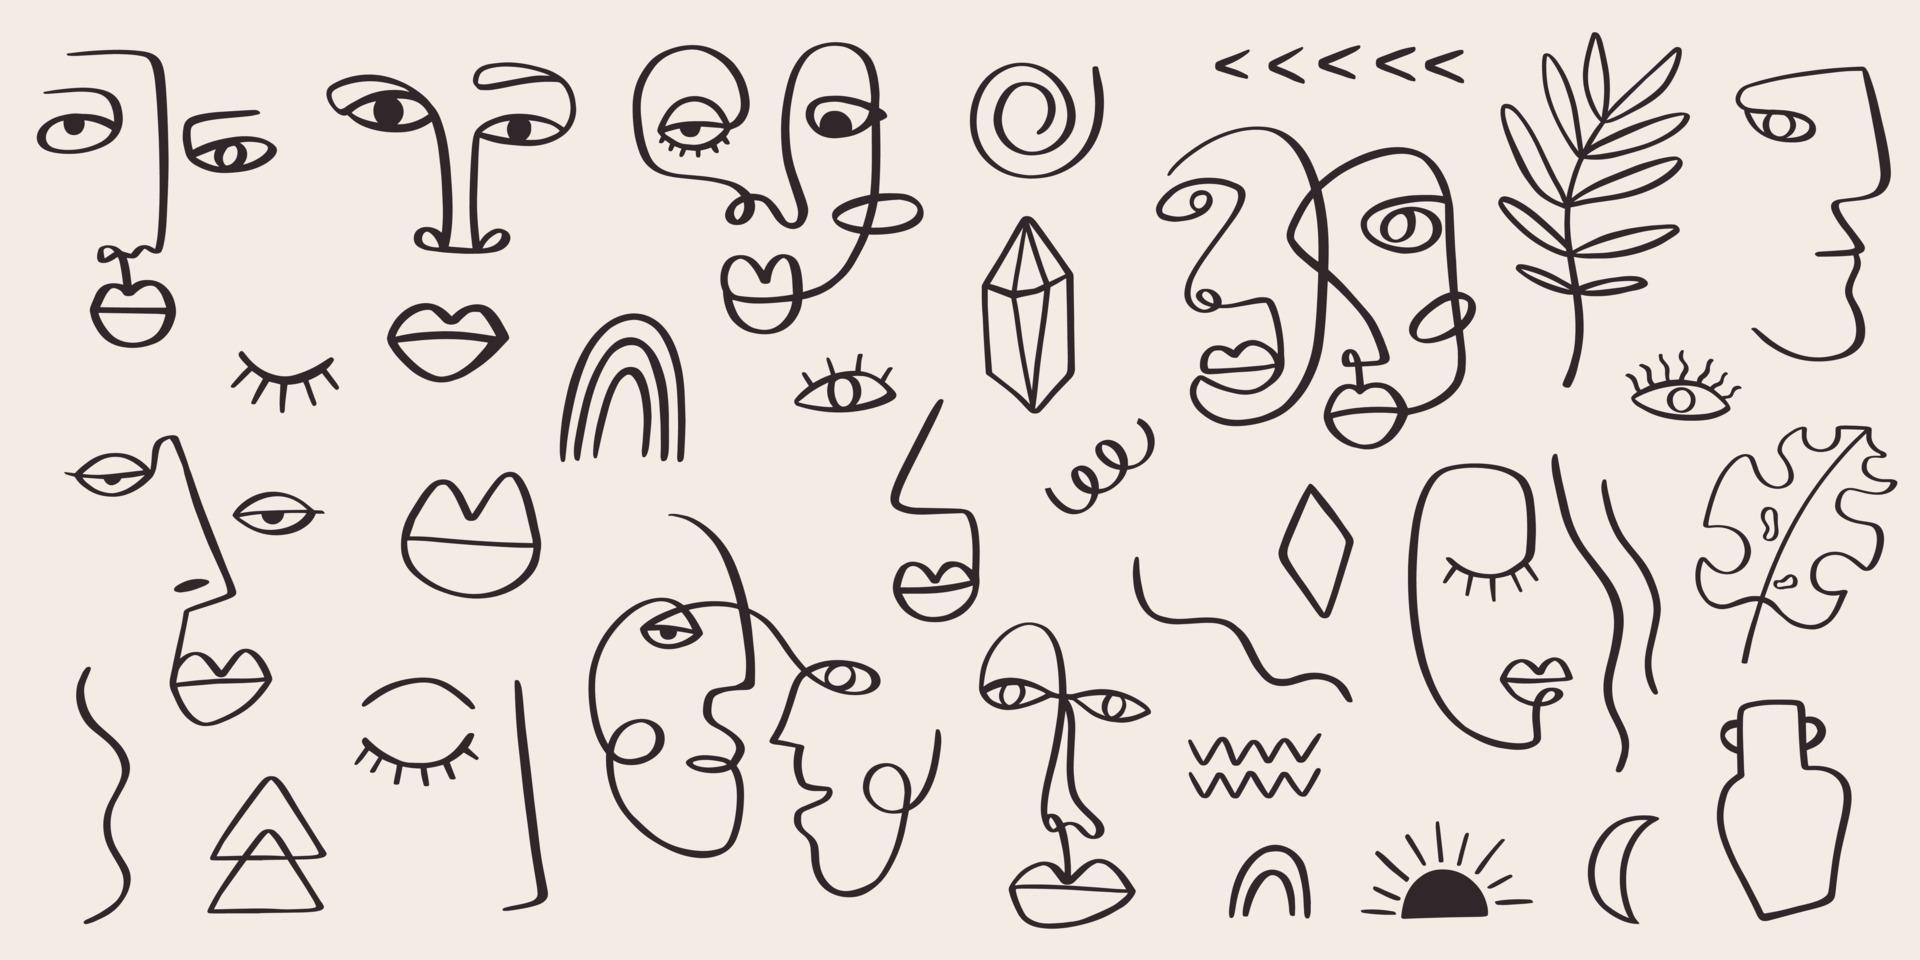 abstract tribal vrouwenportret in doorlopende lijntekeningen. mode eigentijdse elementen met etnische vrouwelijke gezichten, bladeren, bloemen, vormen in moderne inkt schilderstijl. minimalistisch esthetisch concept vector